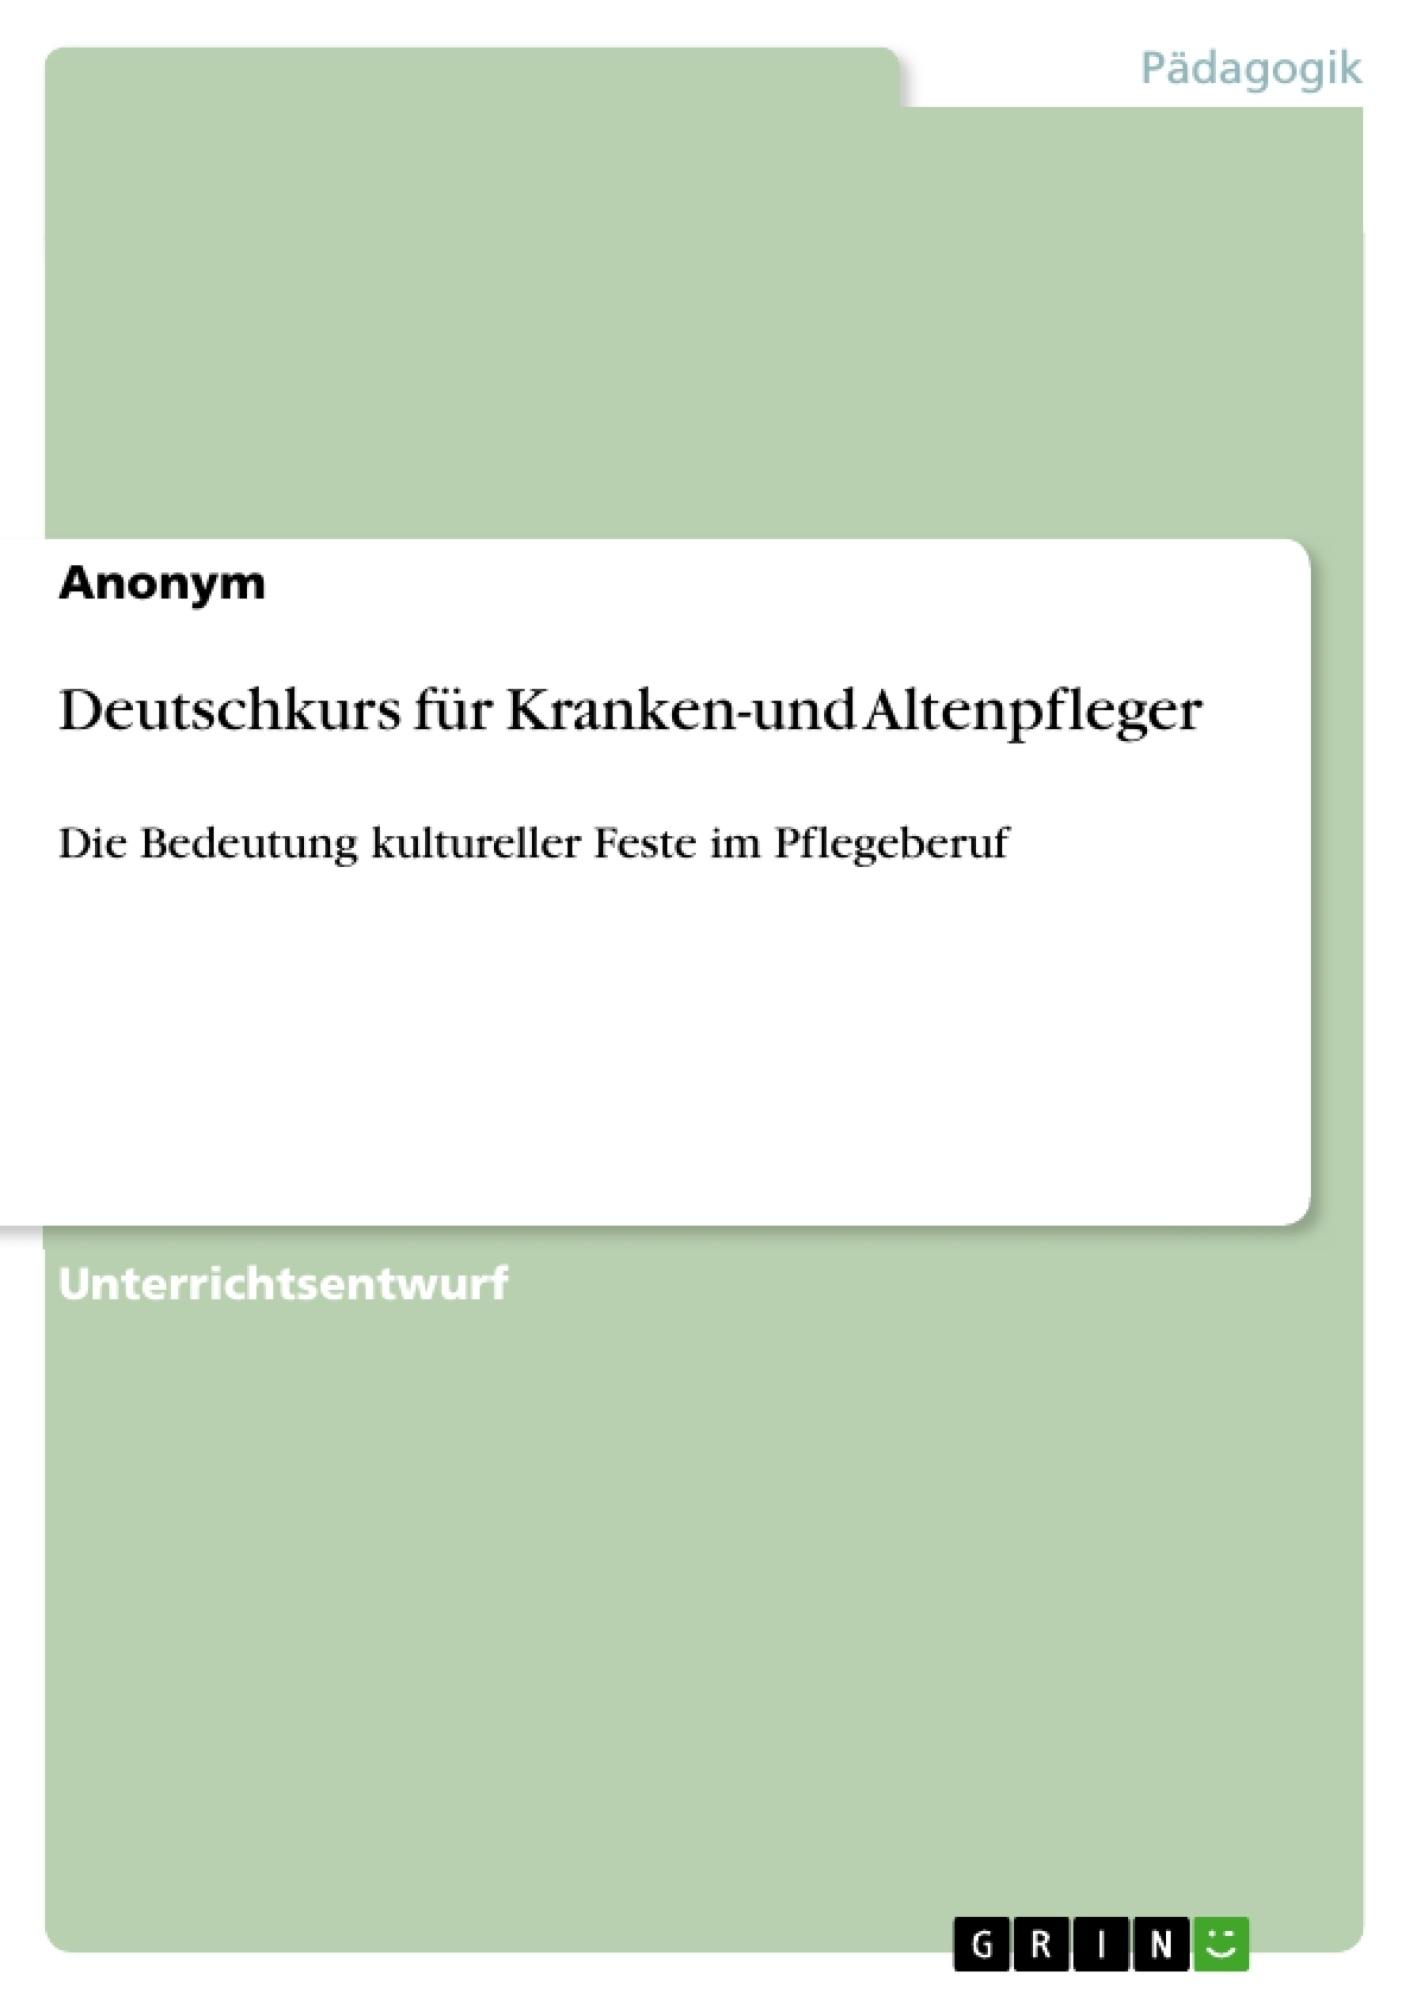 Titel: Deutschkurs für Kranken-und Altenpfleger